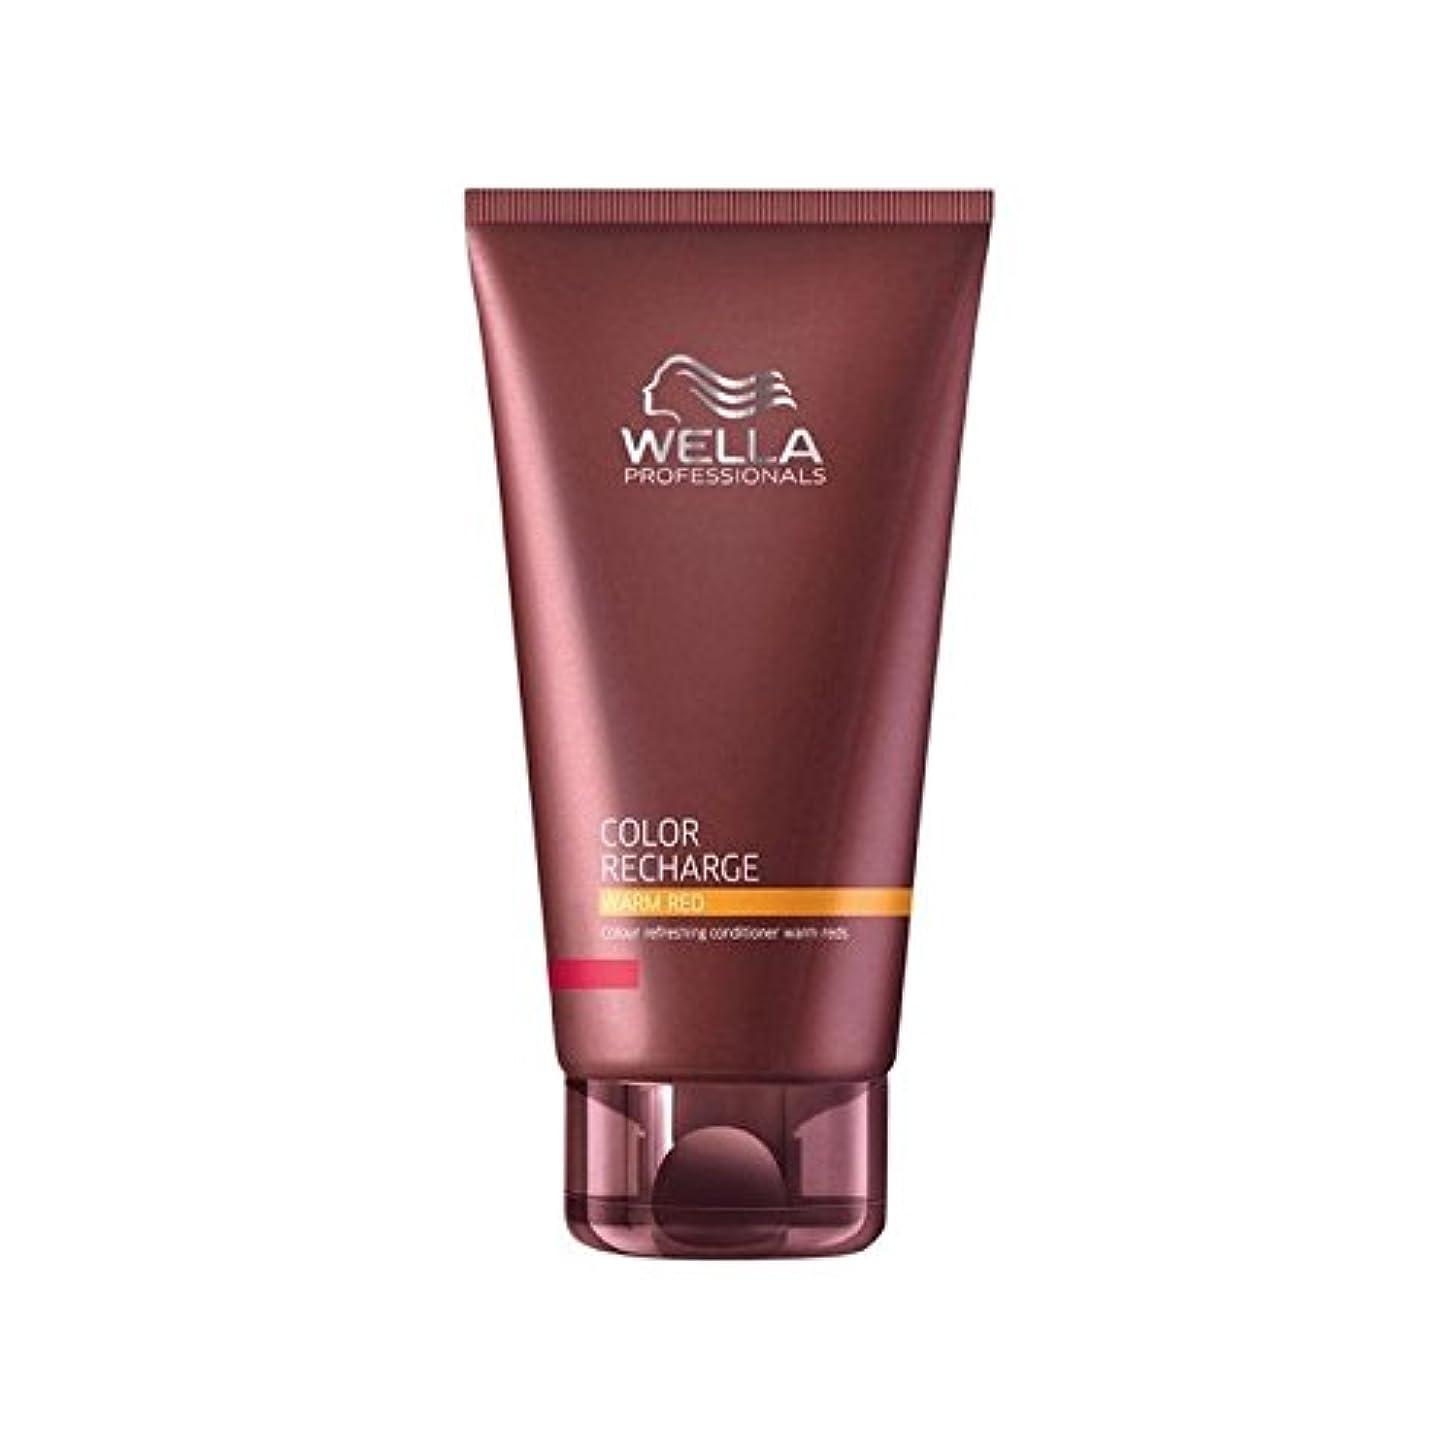 ビルママント子孫Wella Professionals Color Recharge Conditioner Warm Red (200ml) - ウエラ専門家のカラー再充電コンディショナー暖かい赤(200ミリリットル) [並行輸入品]